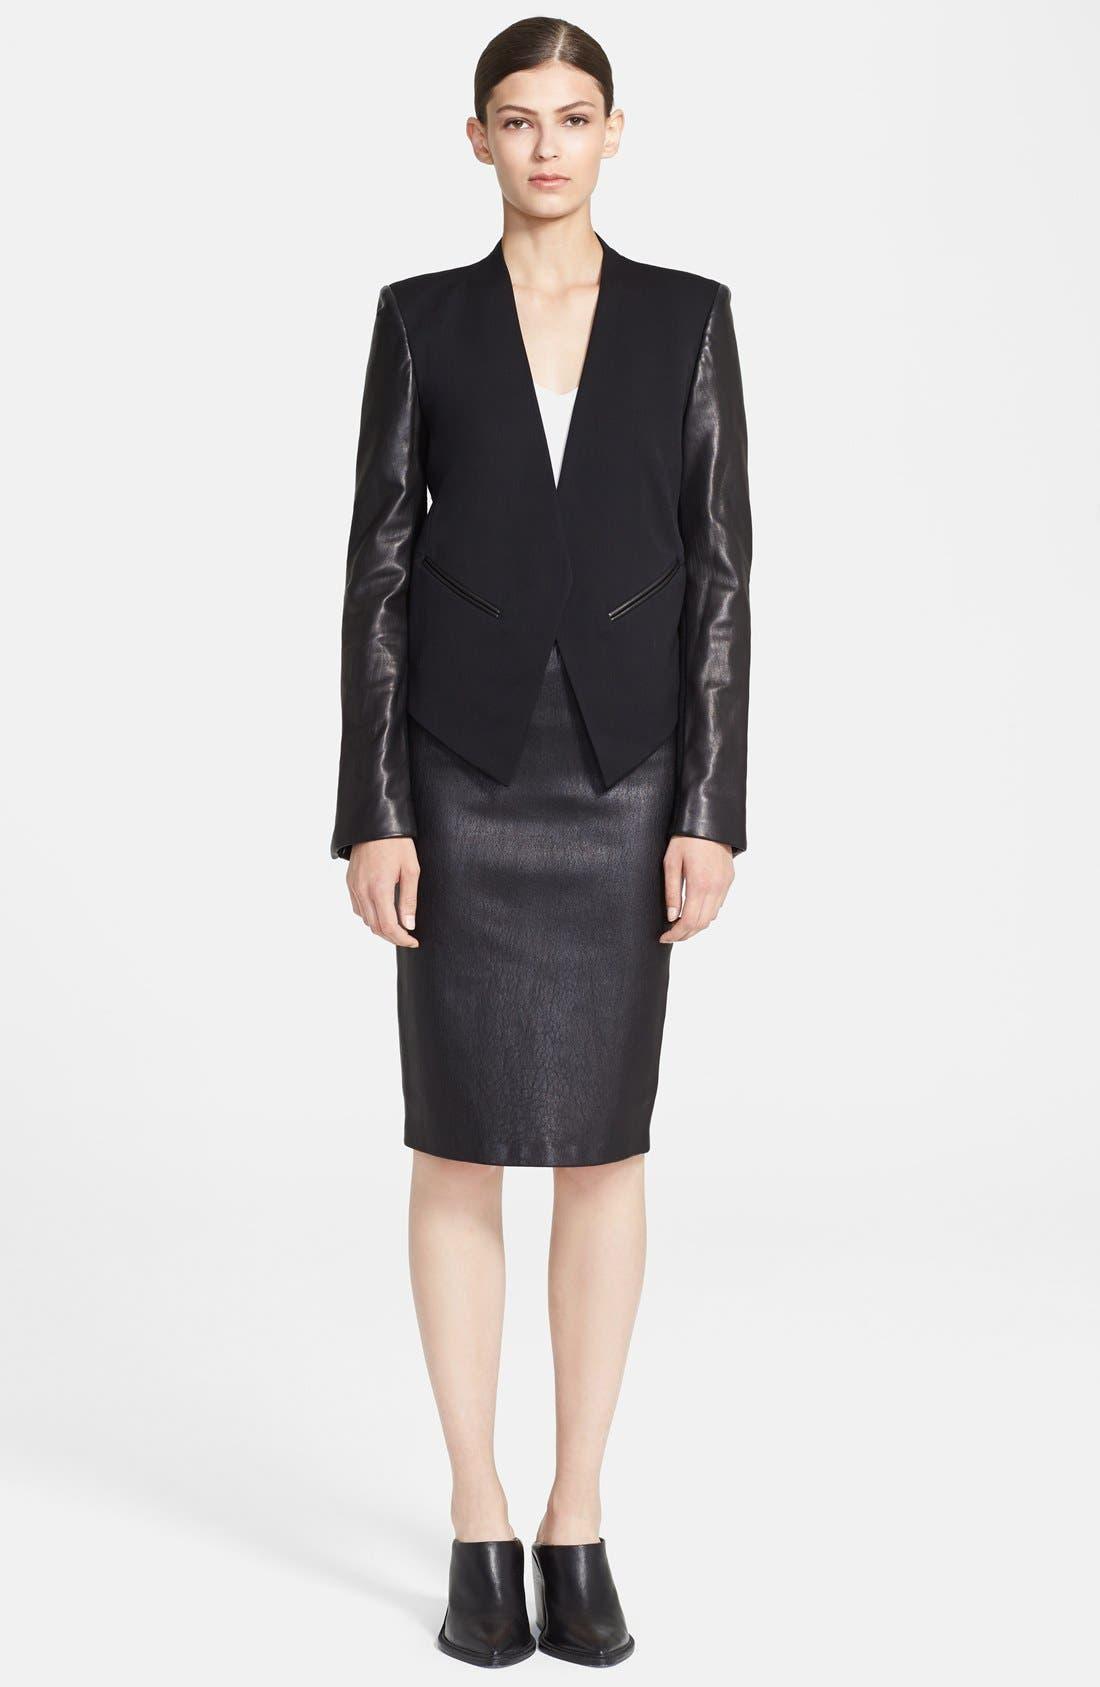 Alternate Image 1 Selected - Helmut Lang 'Smoking' Leather Sleeve Tuxedo Jacket